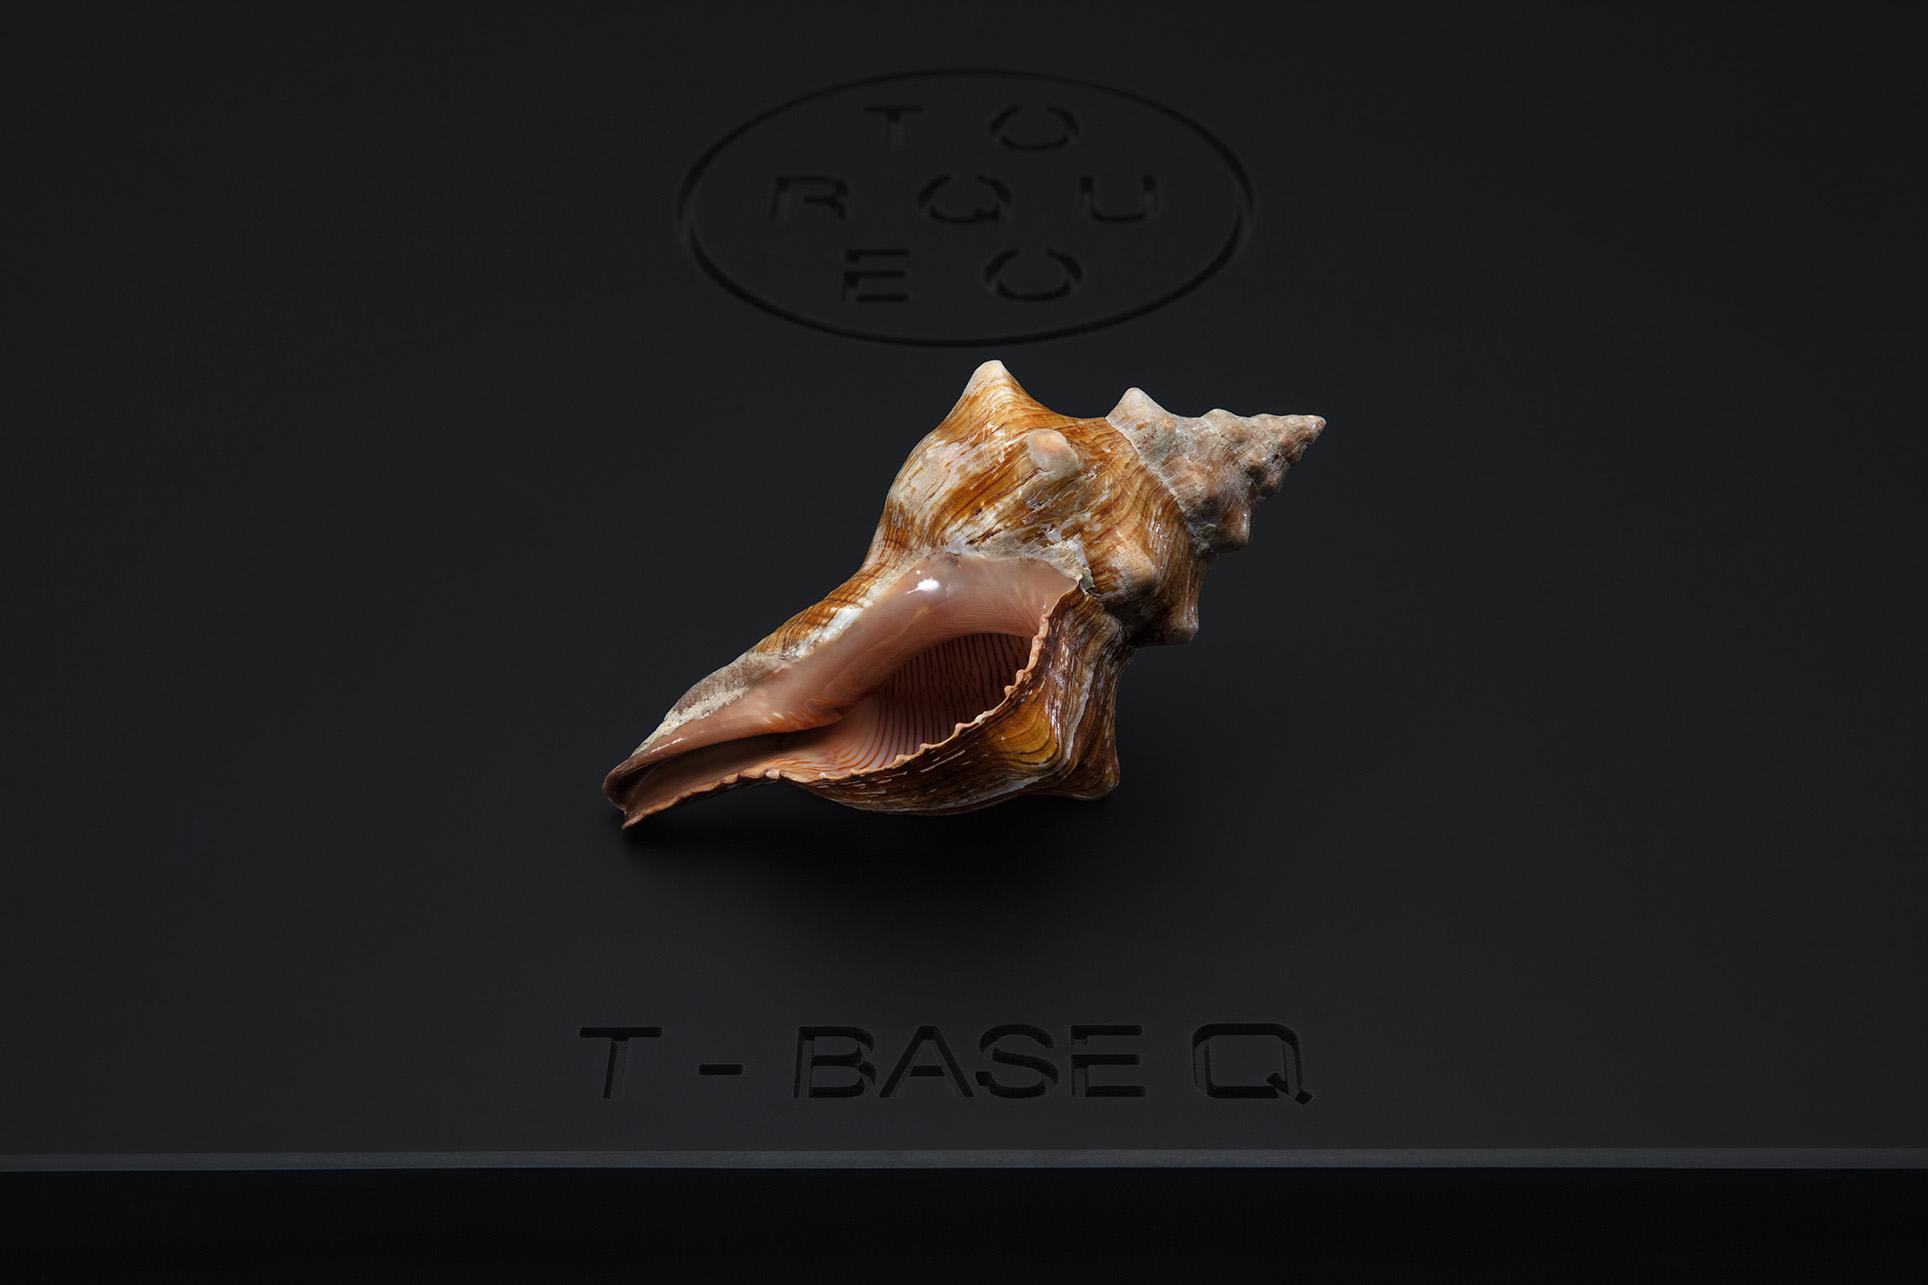 T-BASE Q n3